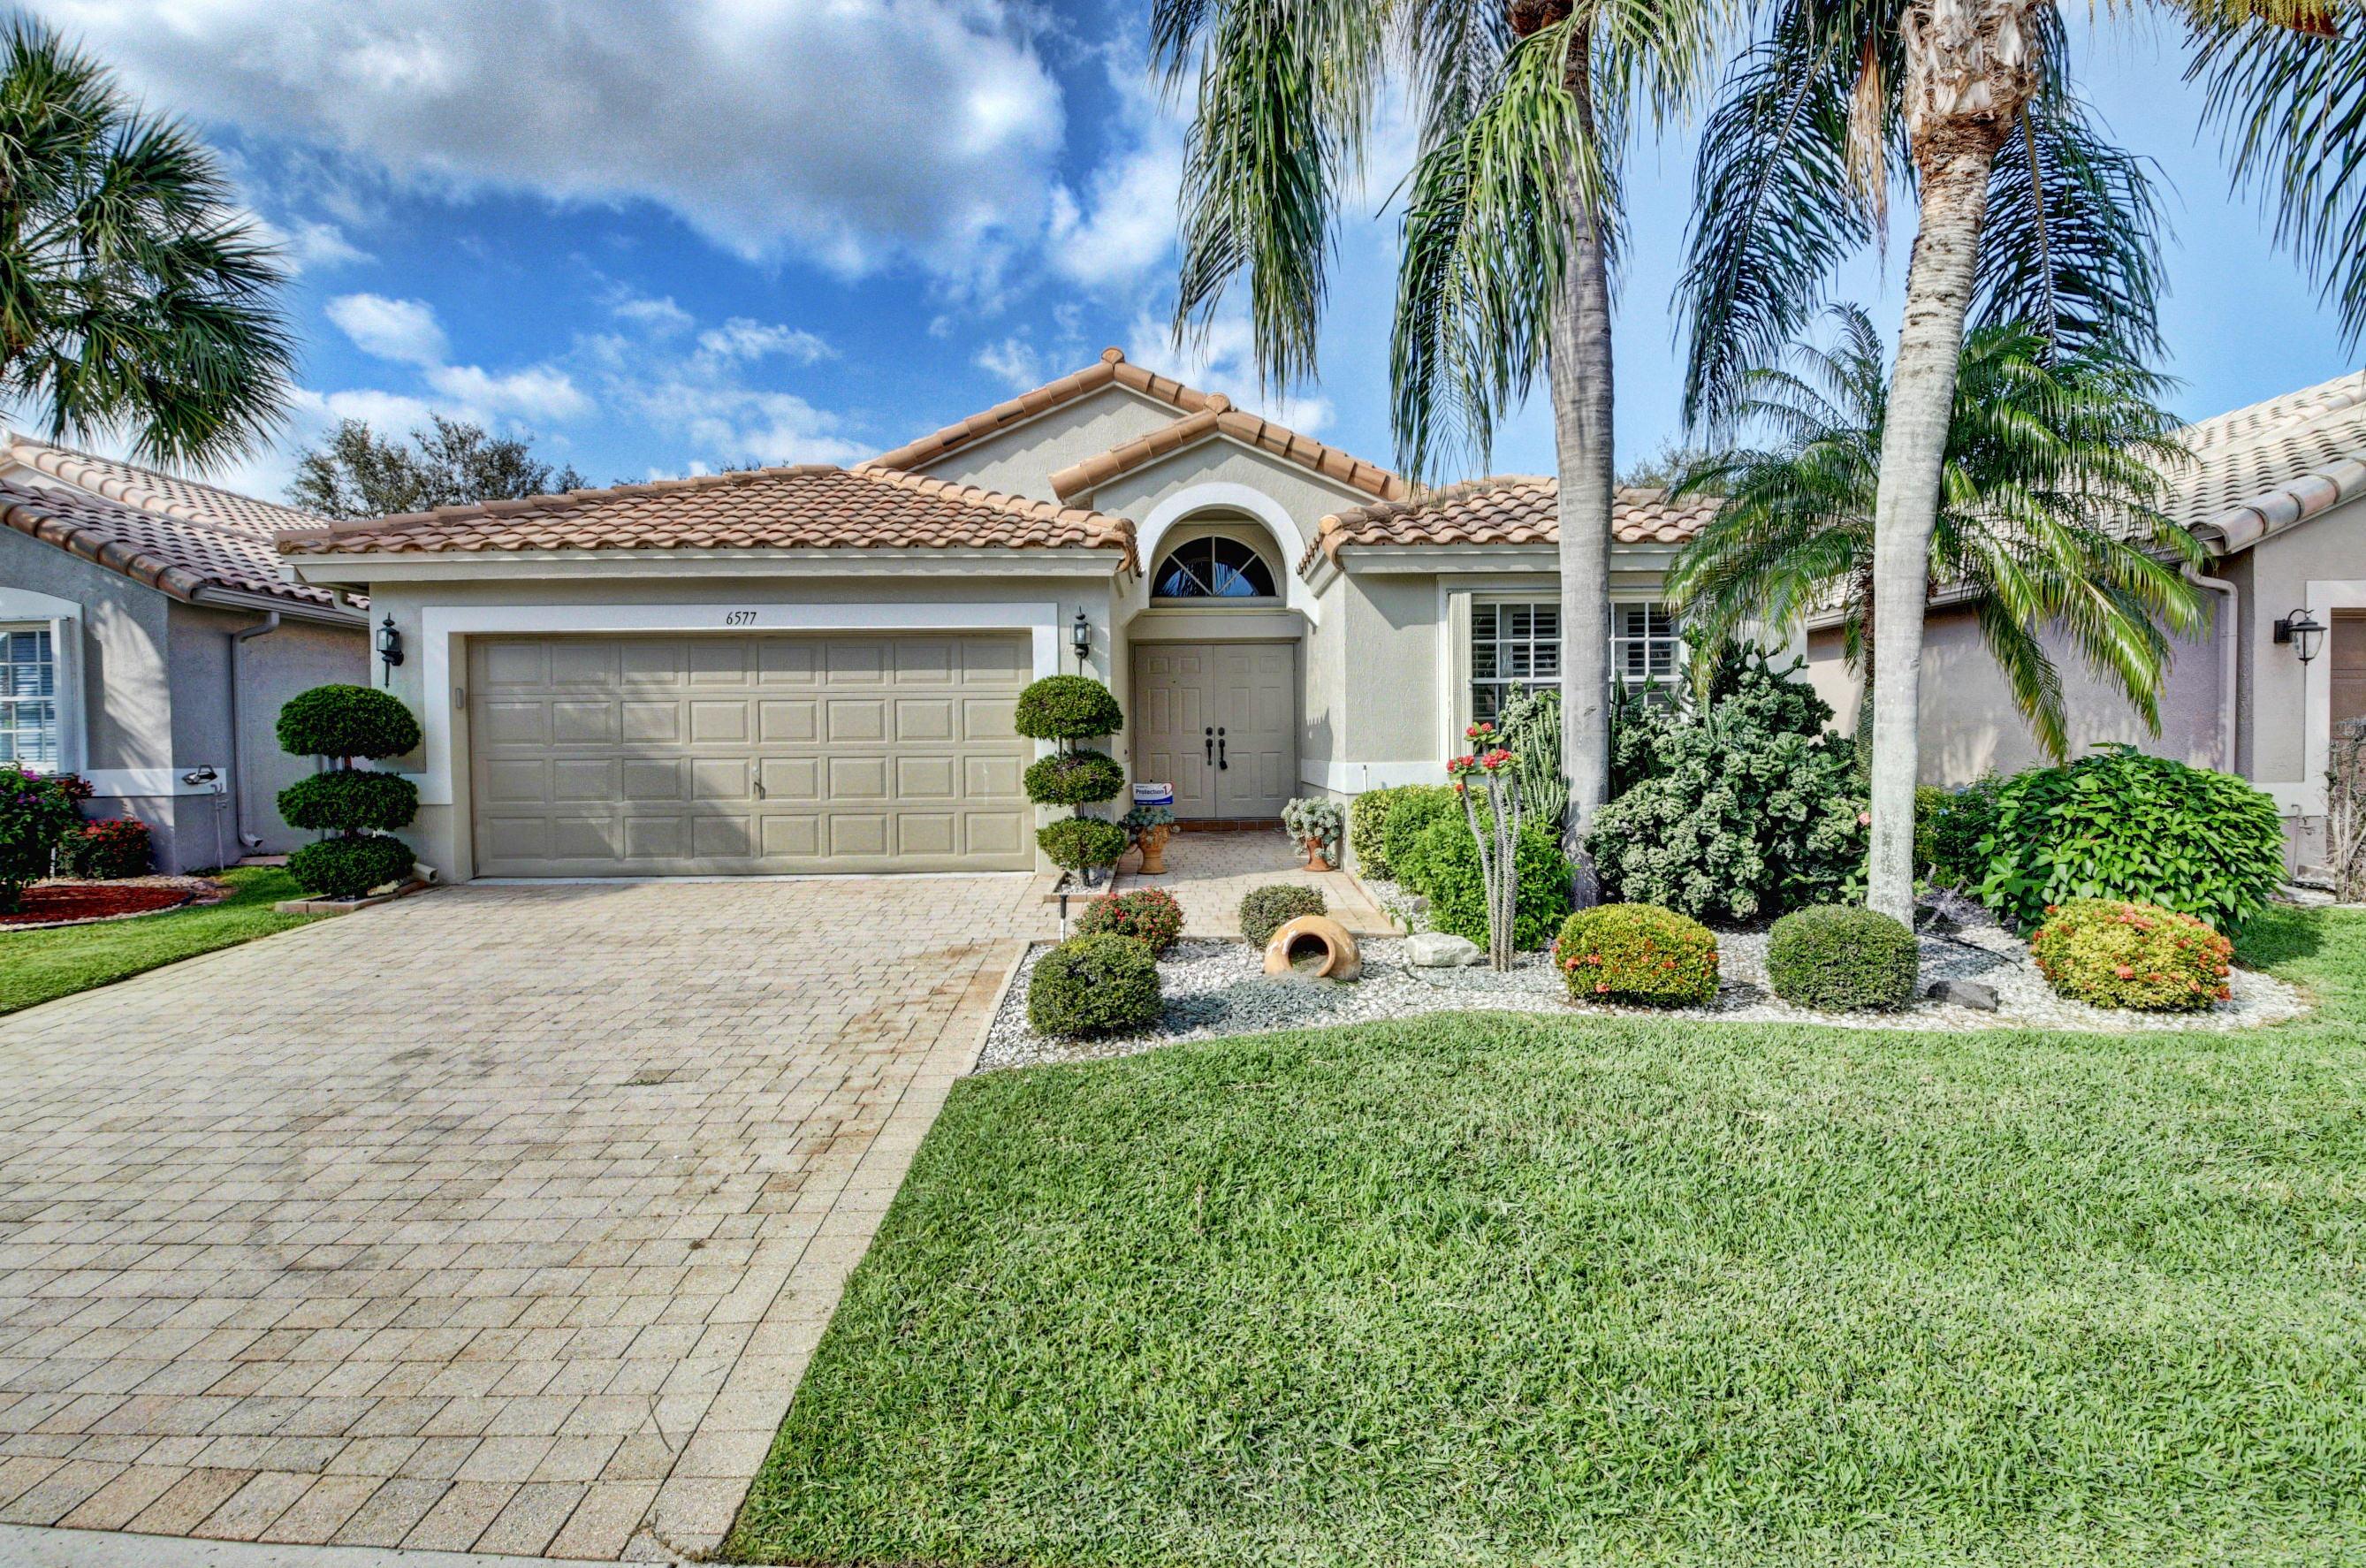 6577 Sherbrook Drive Boynton Beach, FL 33437